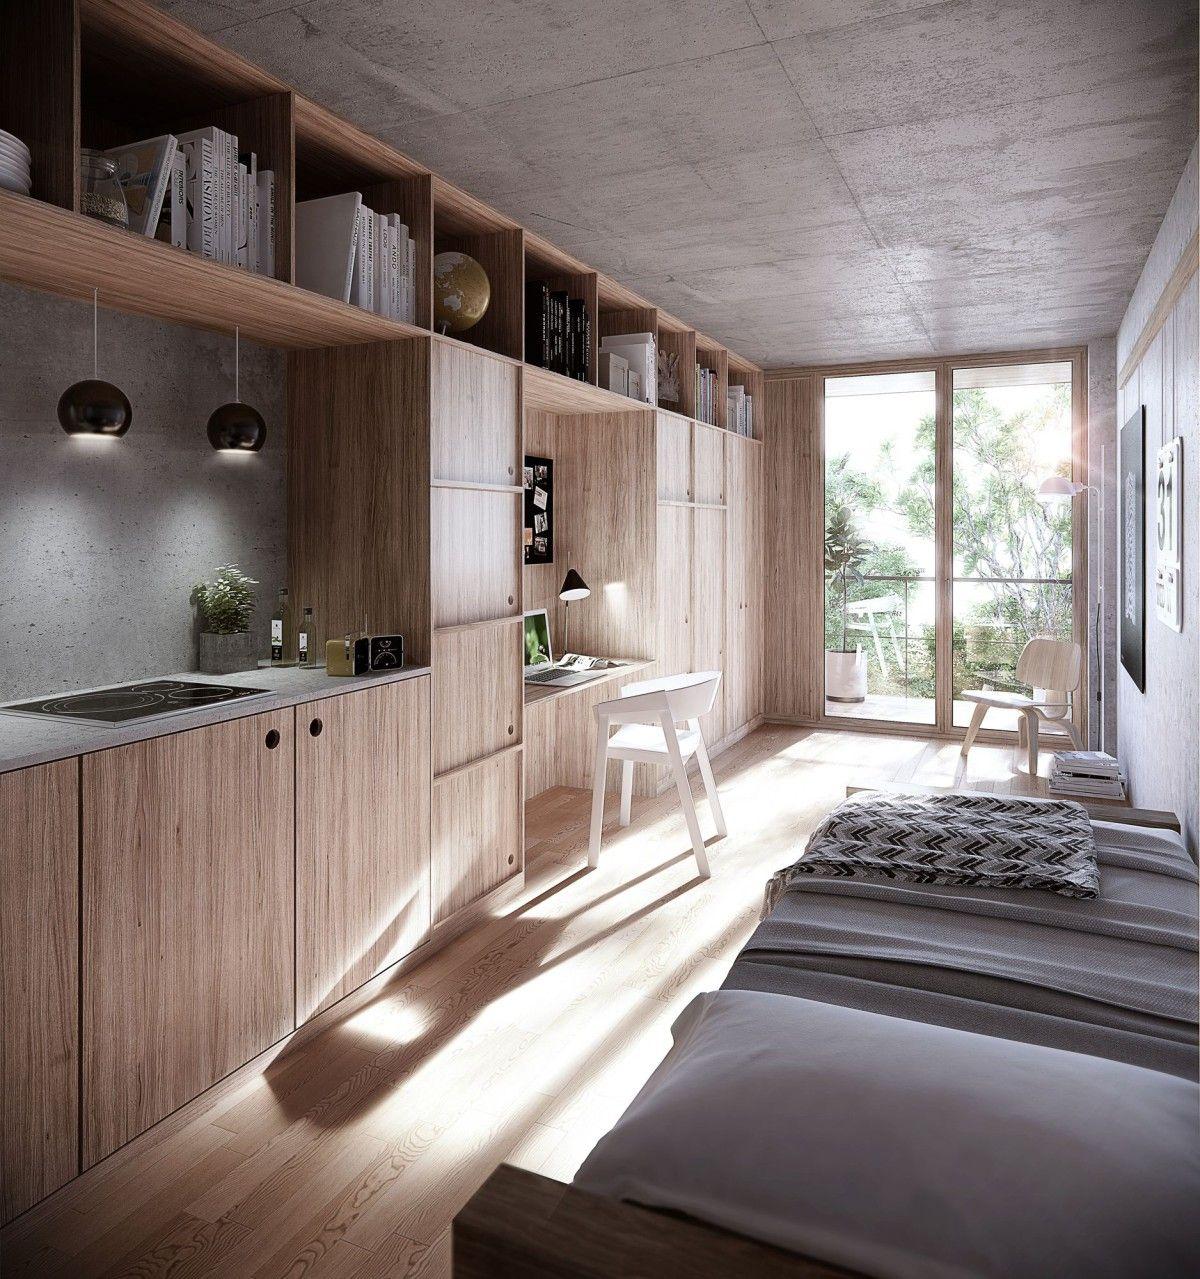 We Architecture Creo Student Housing S Nderborg 5